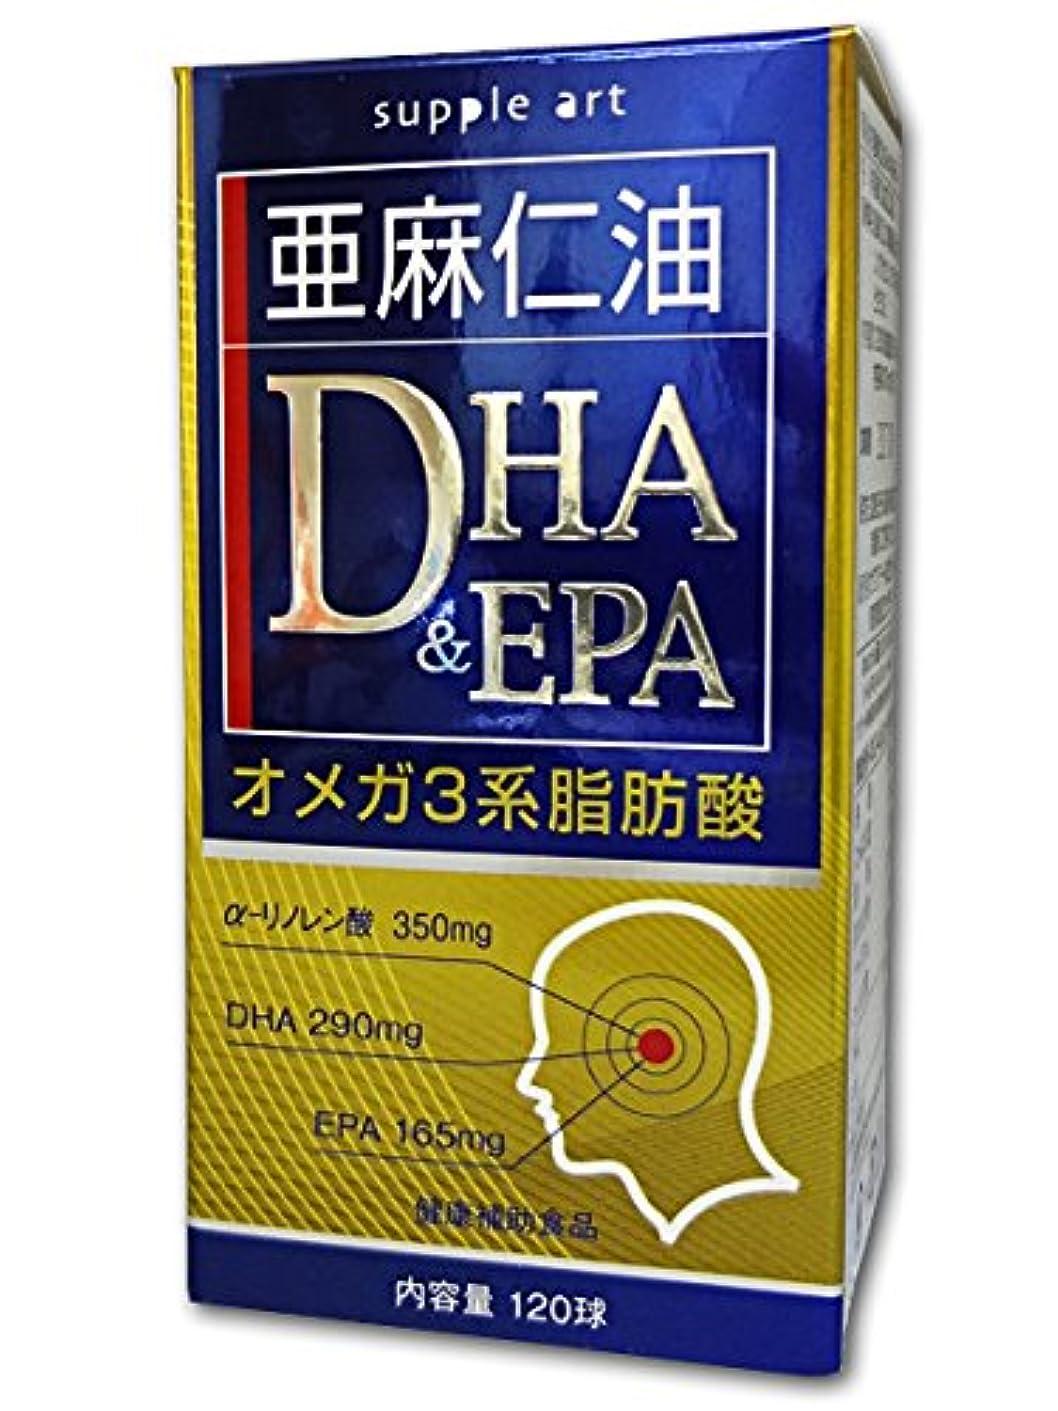 フォアタイプシェルタークライアントサプリアート 亜麻仁油DHA&EPA オメガ3系脂肪酸 120球